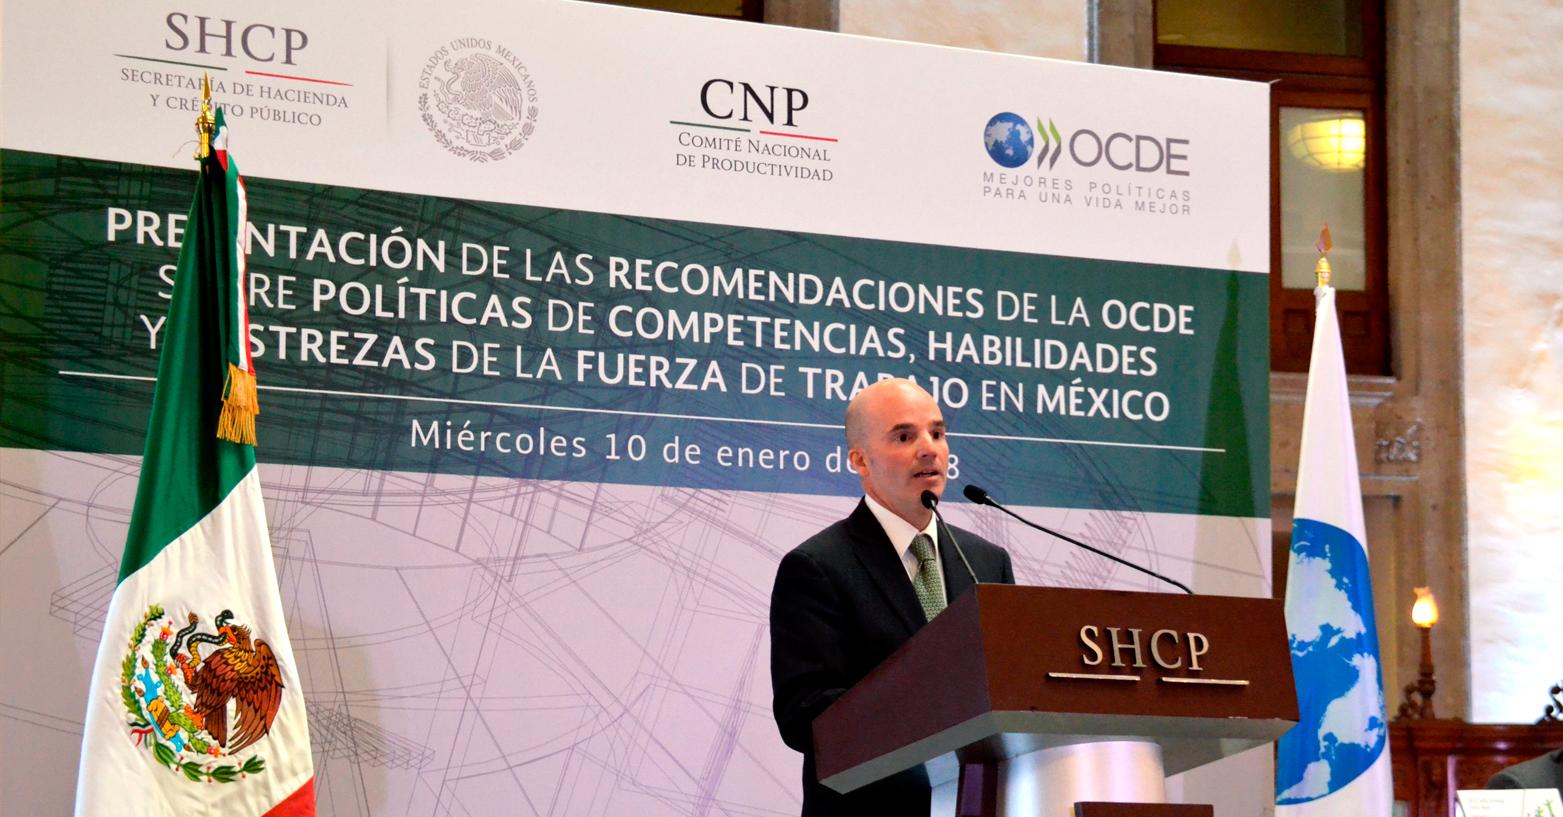 El secretario de Hacienda, José Antonio González Anaya, recibió por parte del secretario general de la OCDE, José Ángel Gurría Treviño, las recomendaciones sobre Políticas de Competencias, Habilidades y Destrezas de la Fuerza de Trabajo en México.